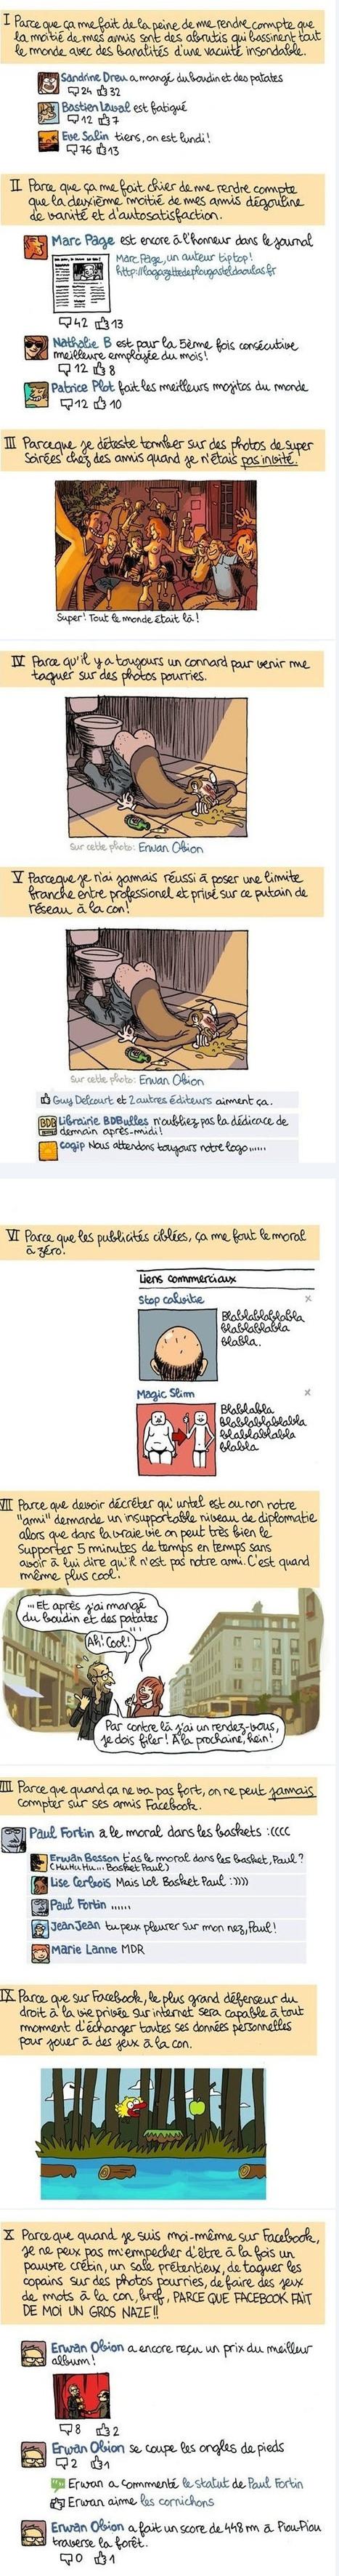 [Novembre 2011] 10 raisons de quitter Facebook | Ca m'interpelle... | Scoop.it